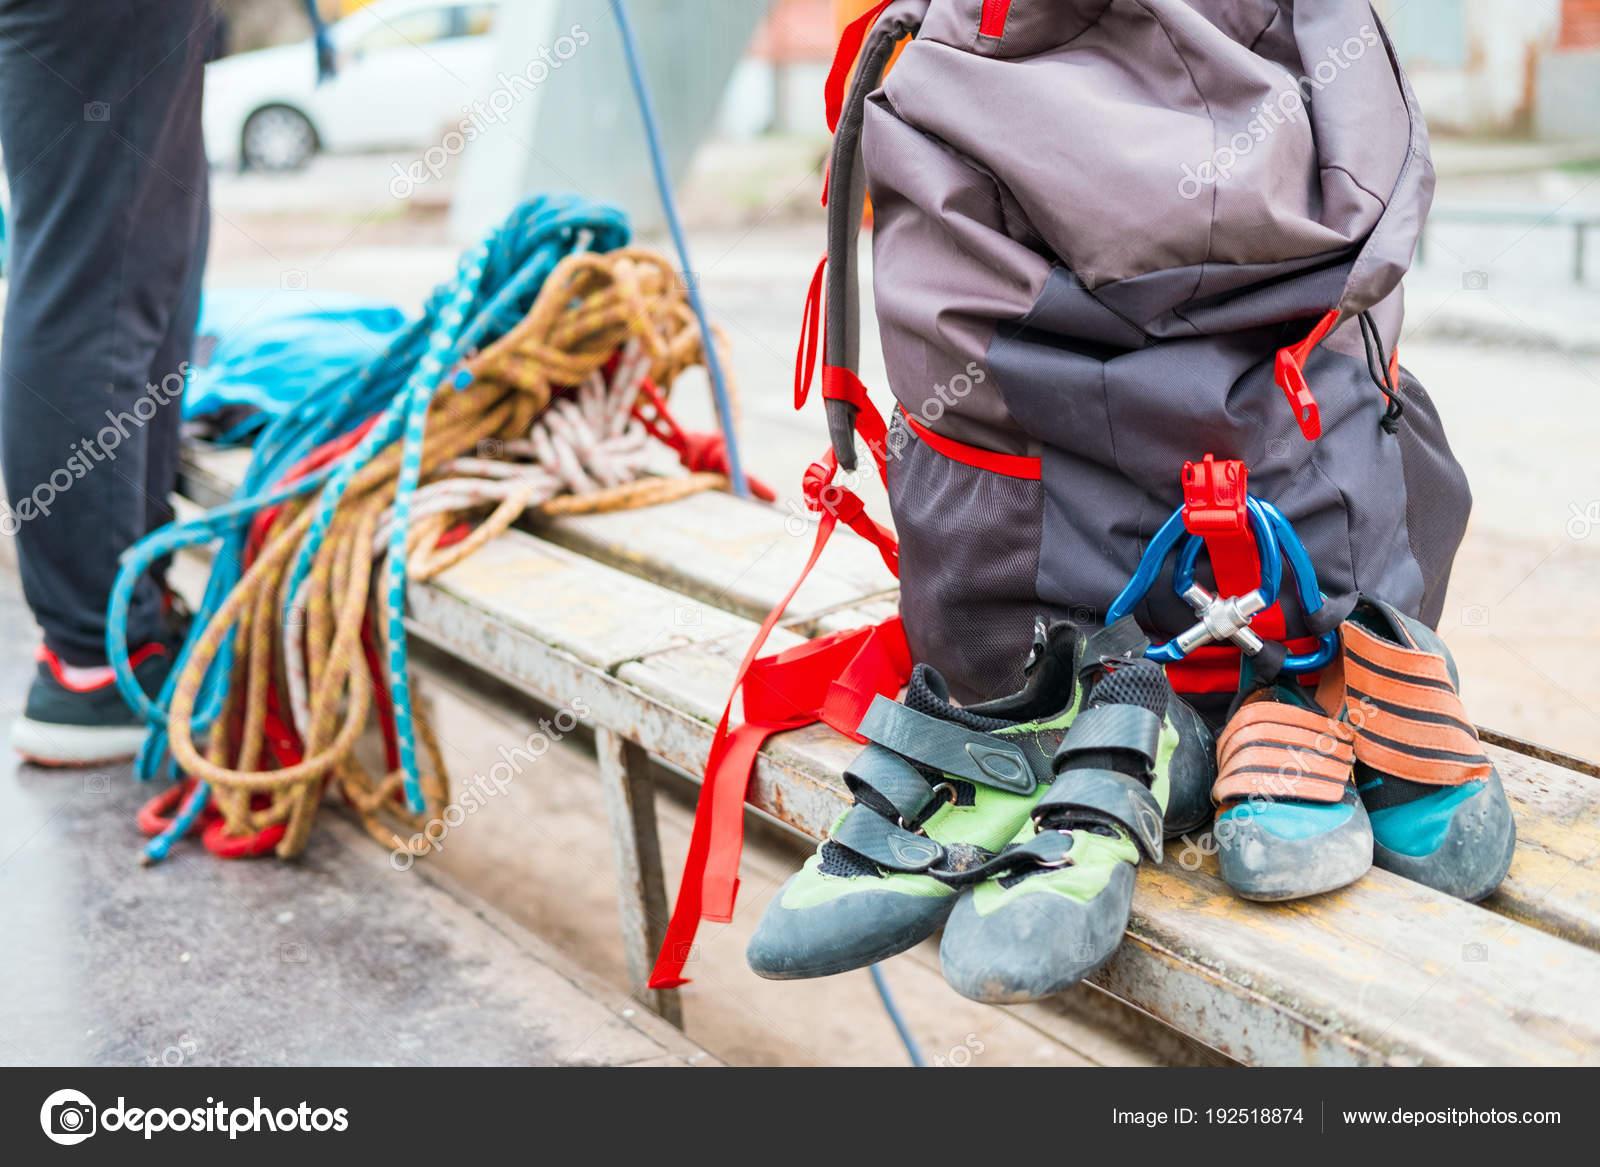 Rucksack Kletterausrüstung : Kletterausrüstung seile karabiner rucksäcke aussetzung zum sitzen